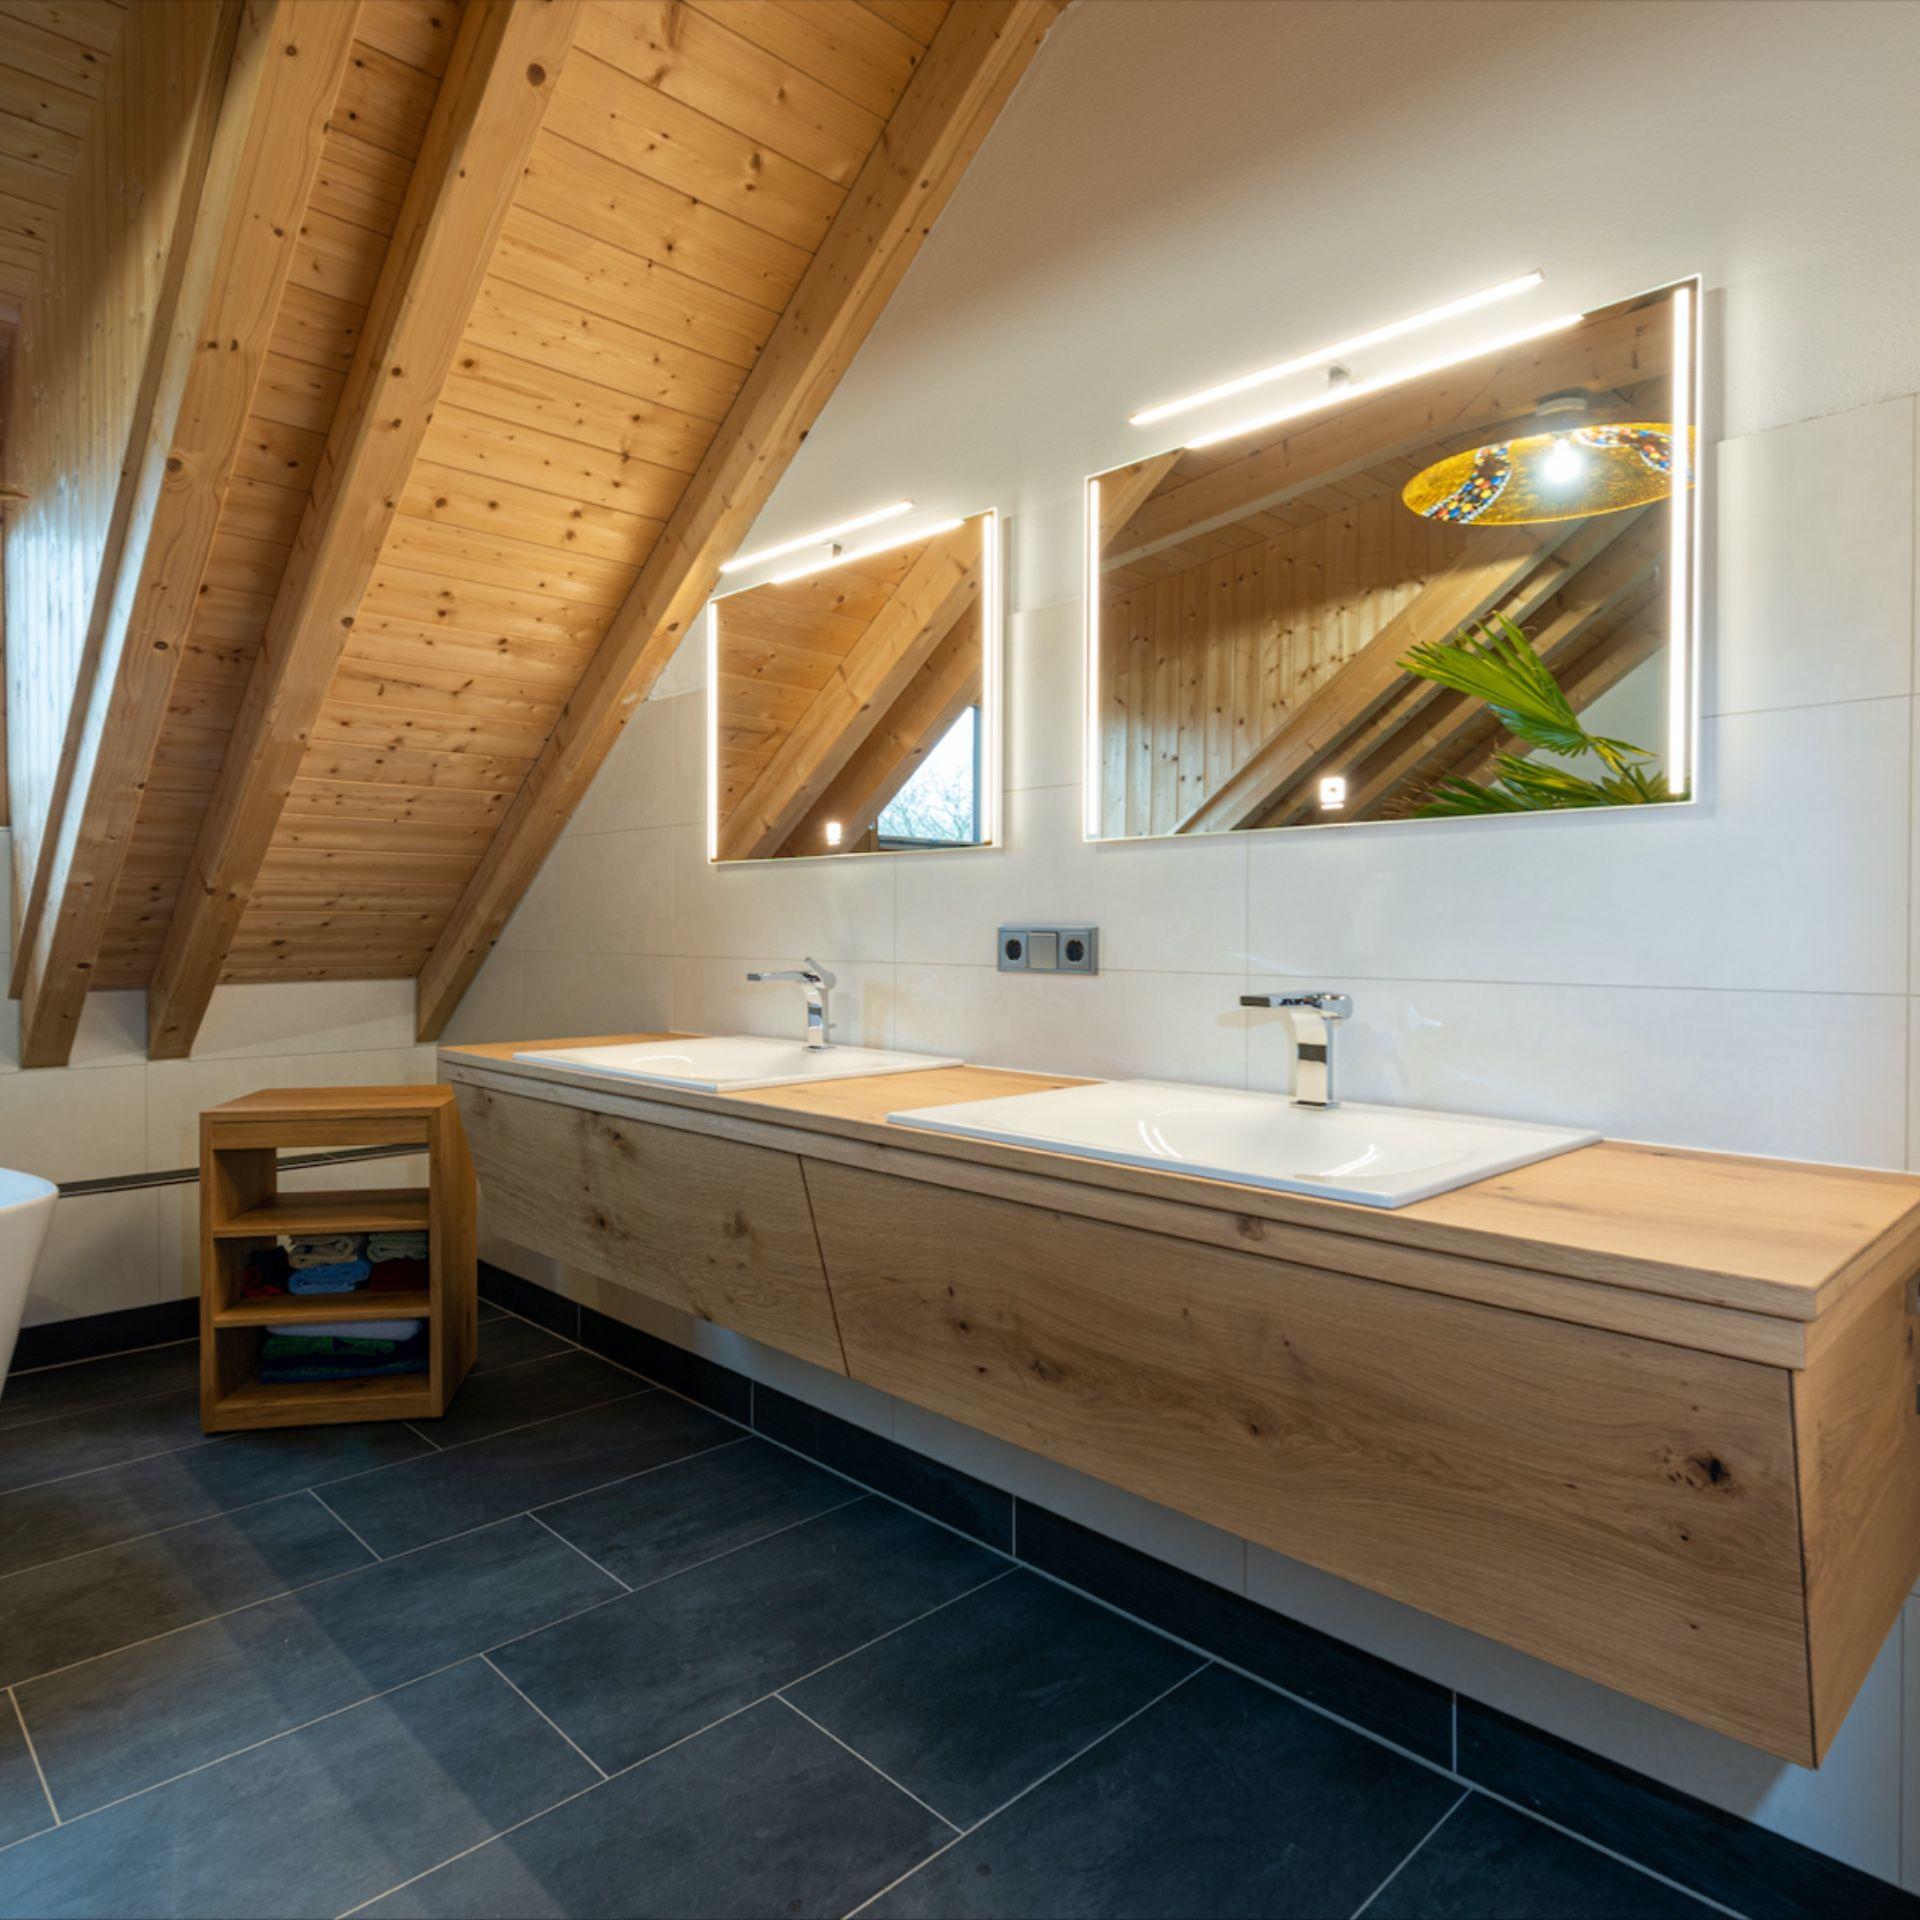 Ein Geschmackvolles Haus Mit Eiche Zirbe In 2020 Eiche Holz Eiche Zirben